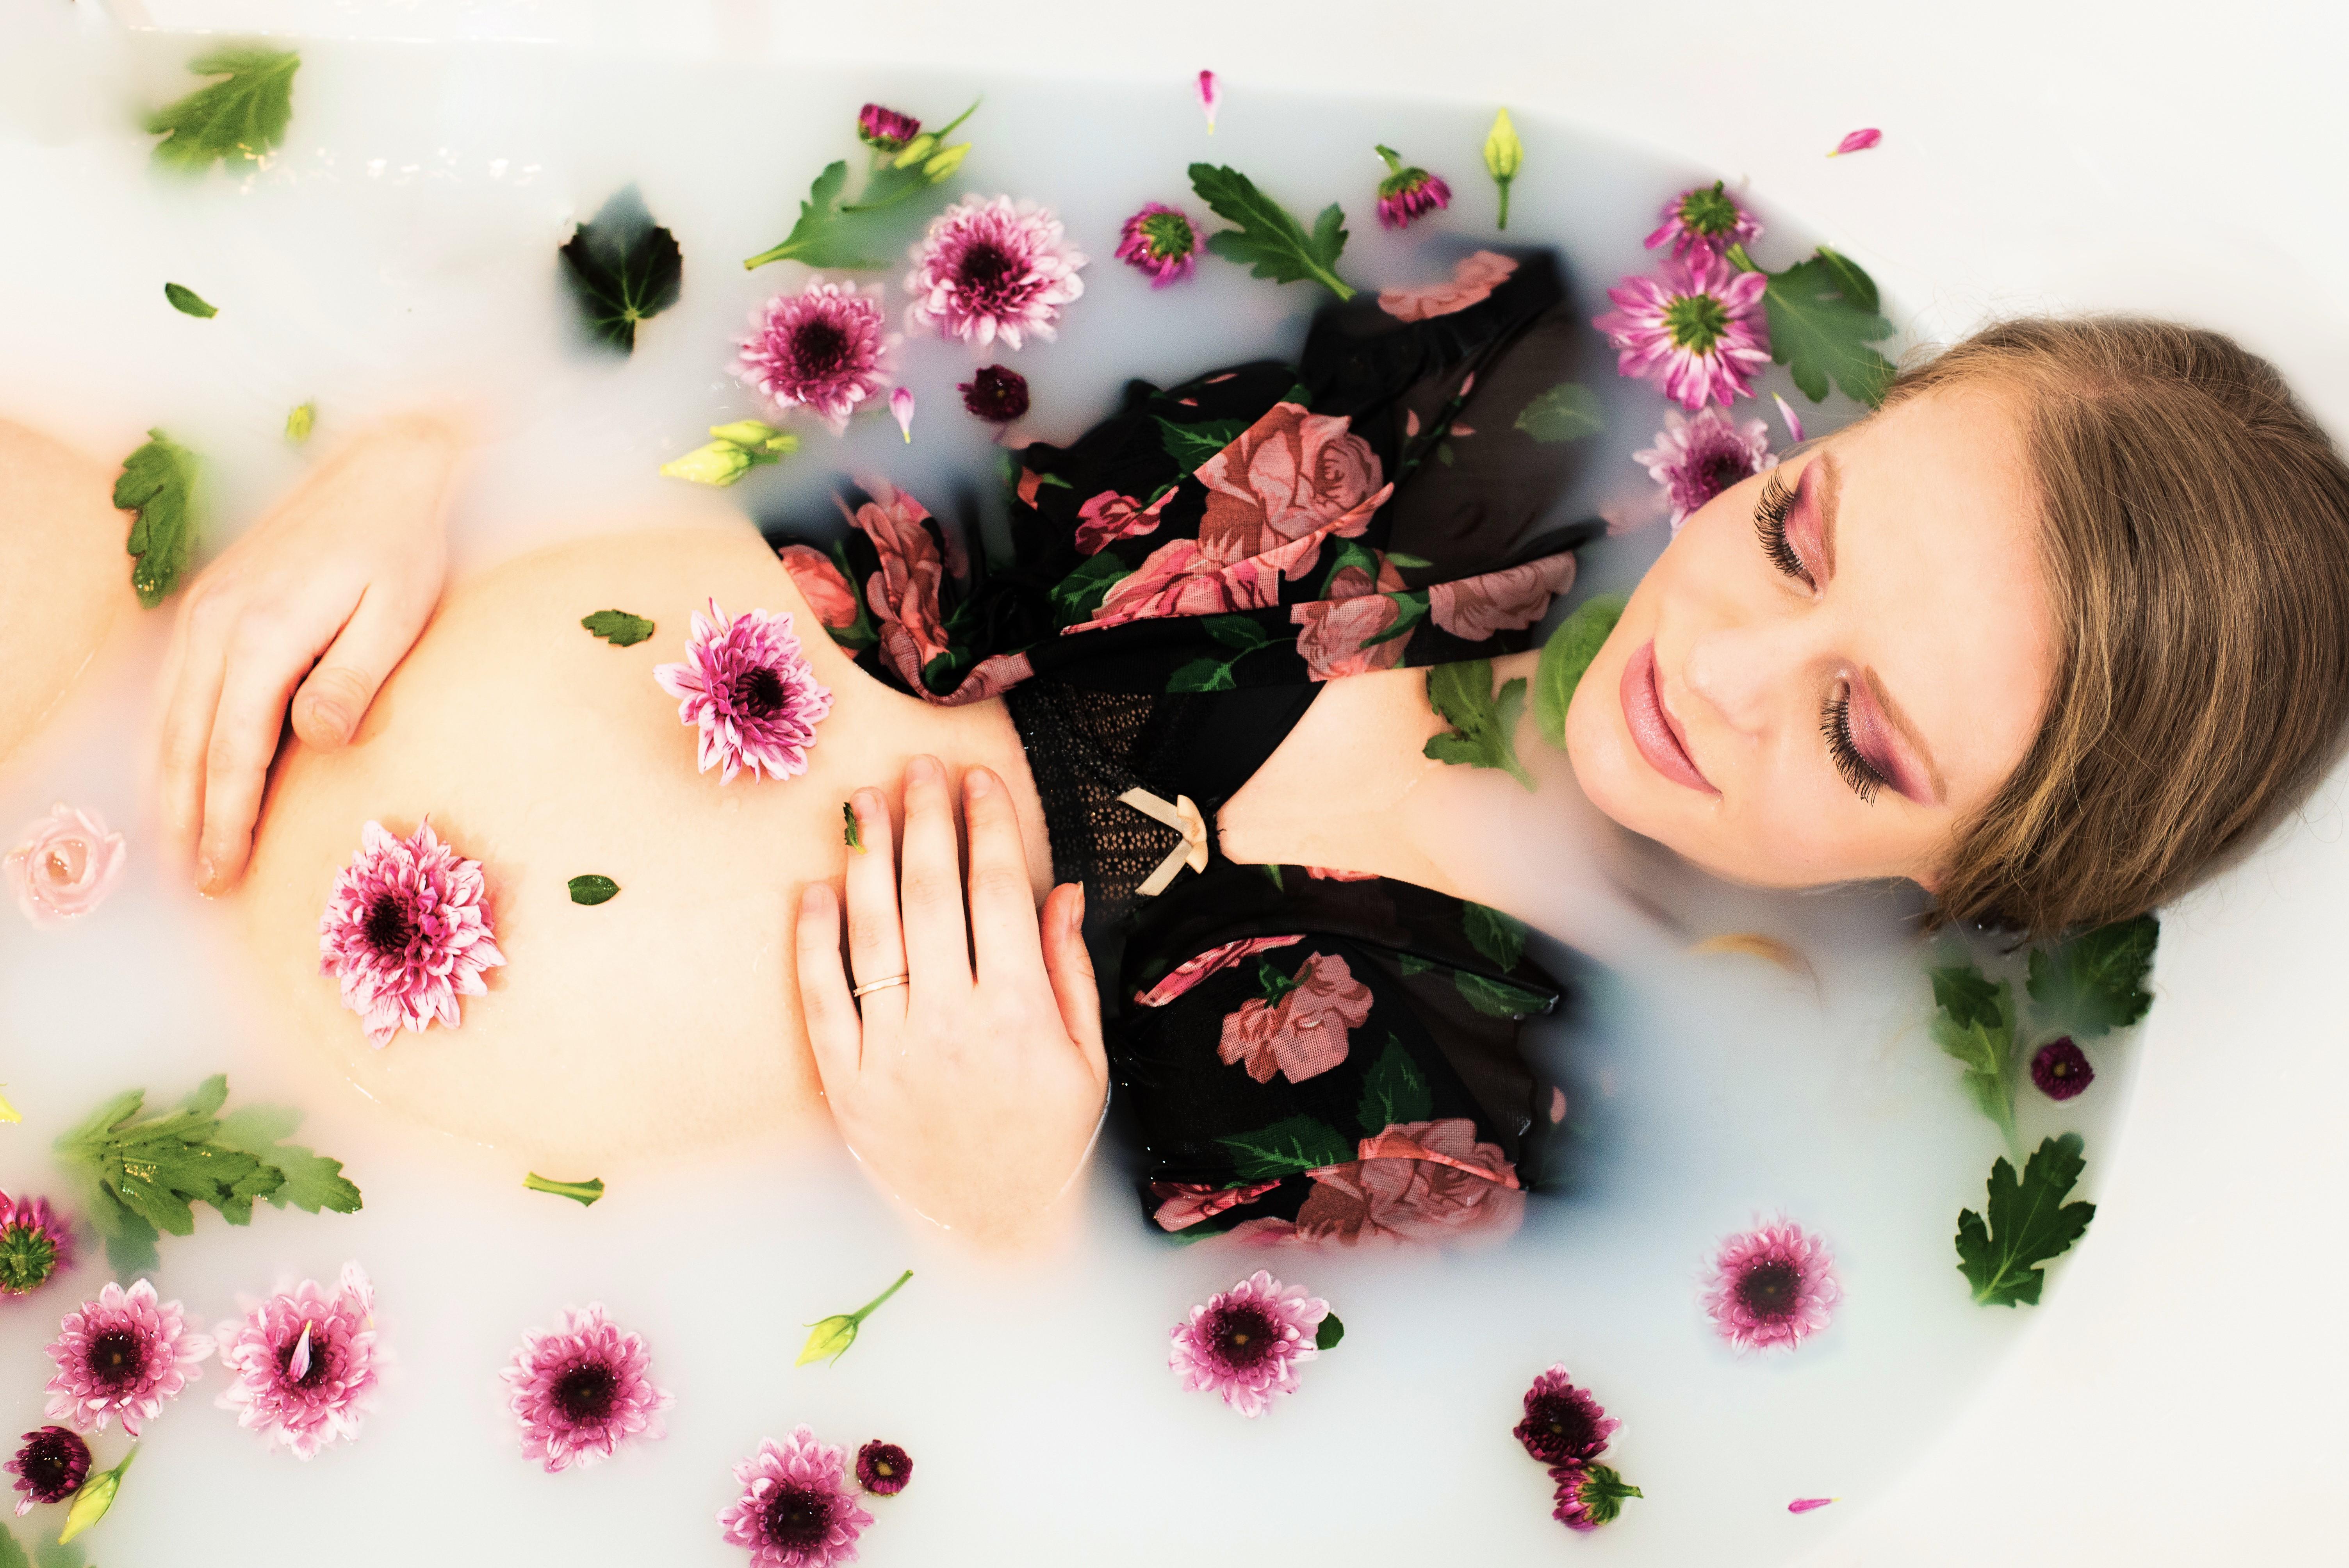 zwangere vrouw en bloemen